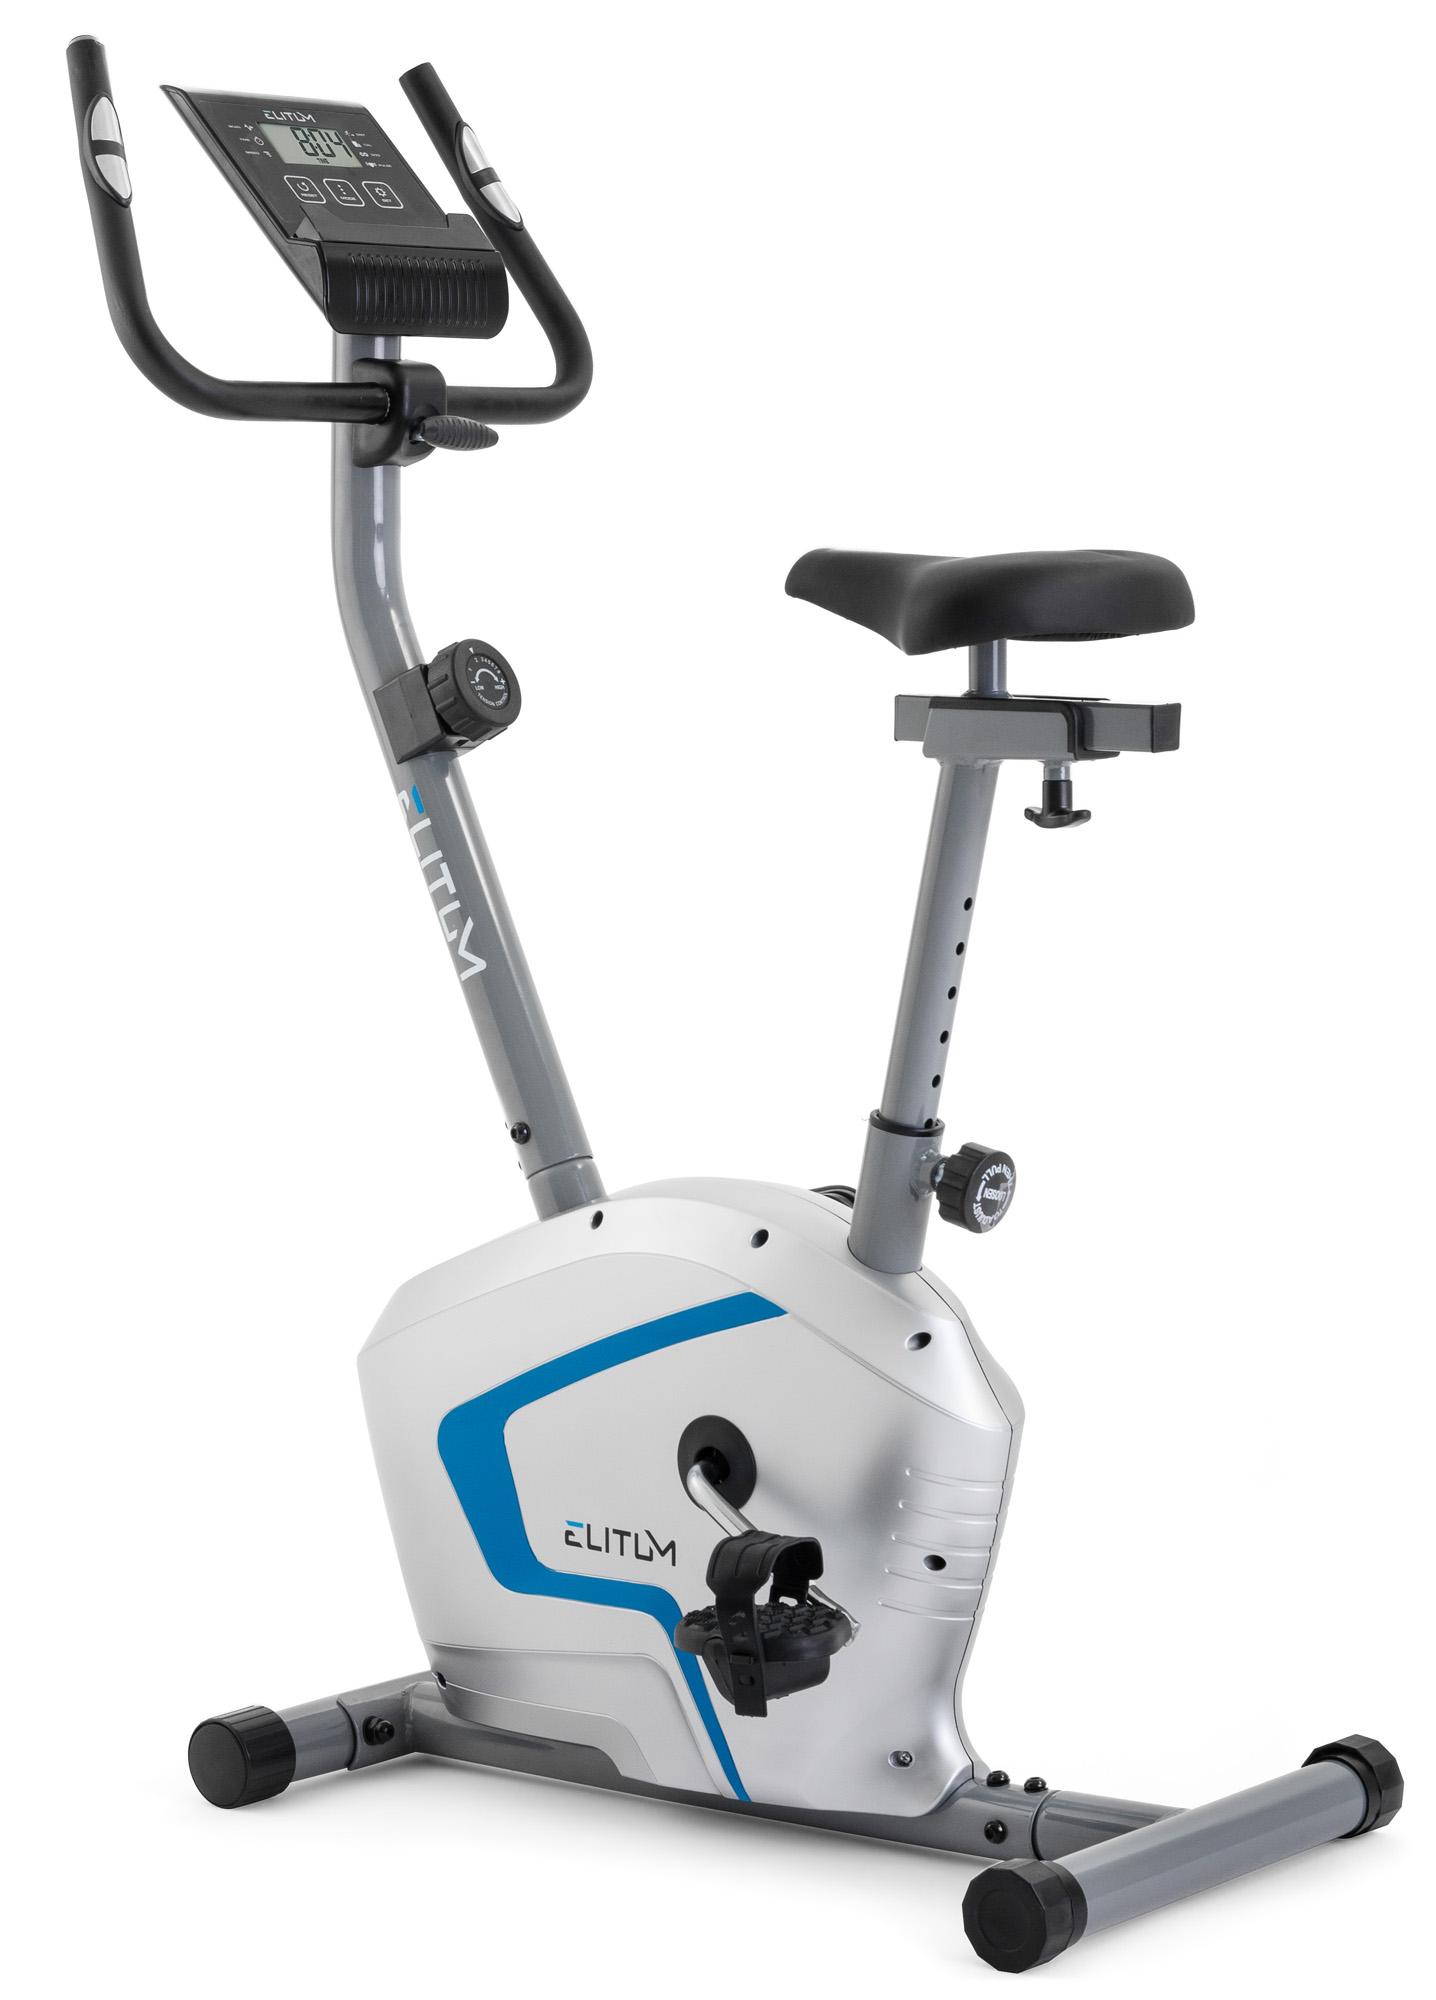 Heimtrainer Ergometer Fitnessgerät Fitnessbike Handpuls-Sensoren Display silber